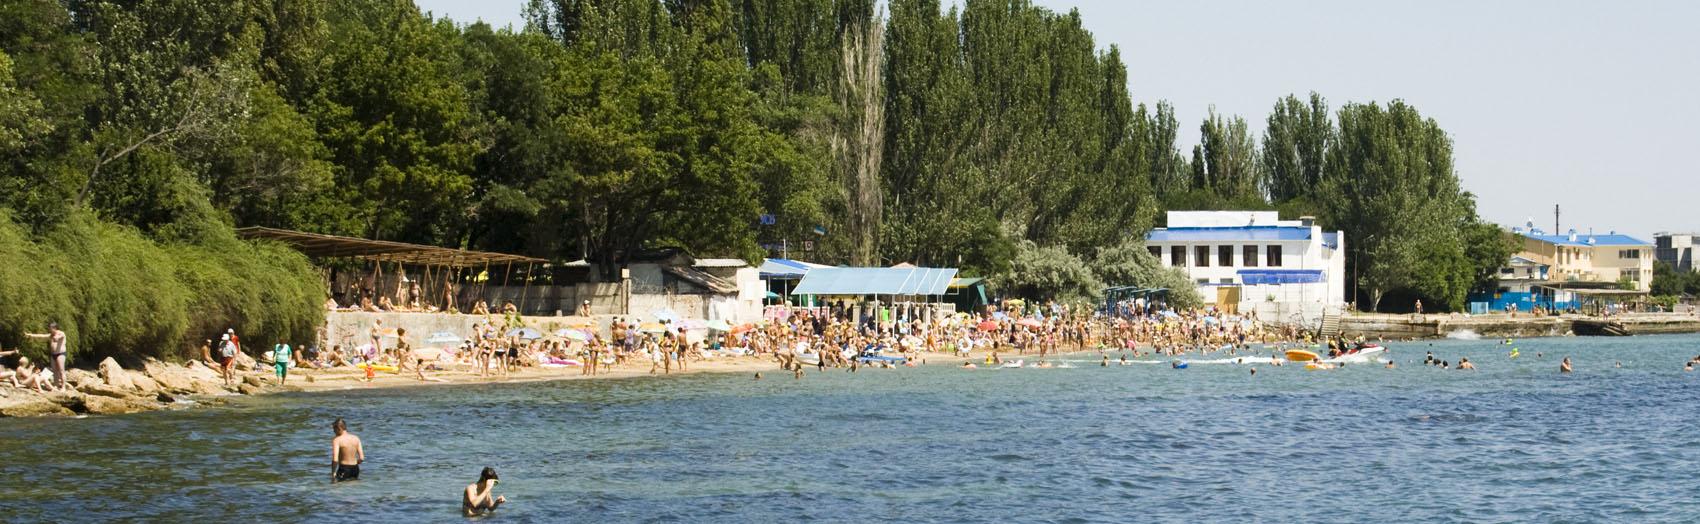 Пляж Динамо - Феодосия.